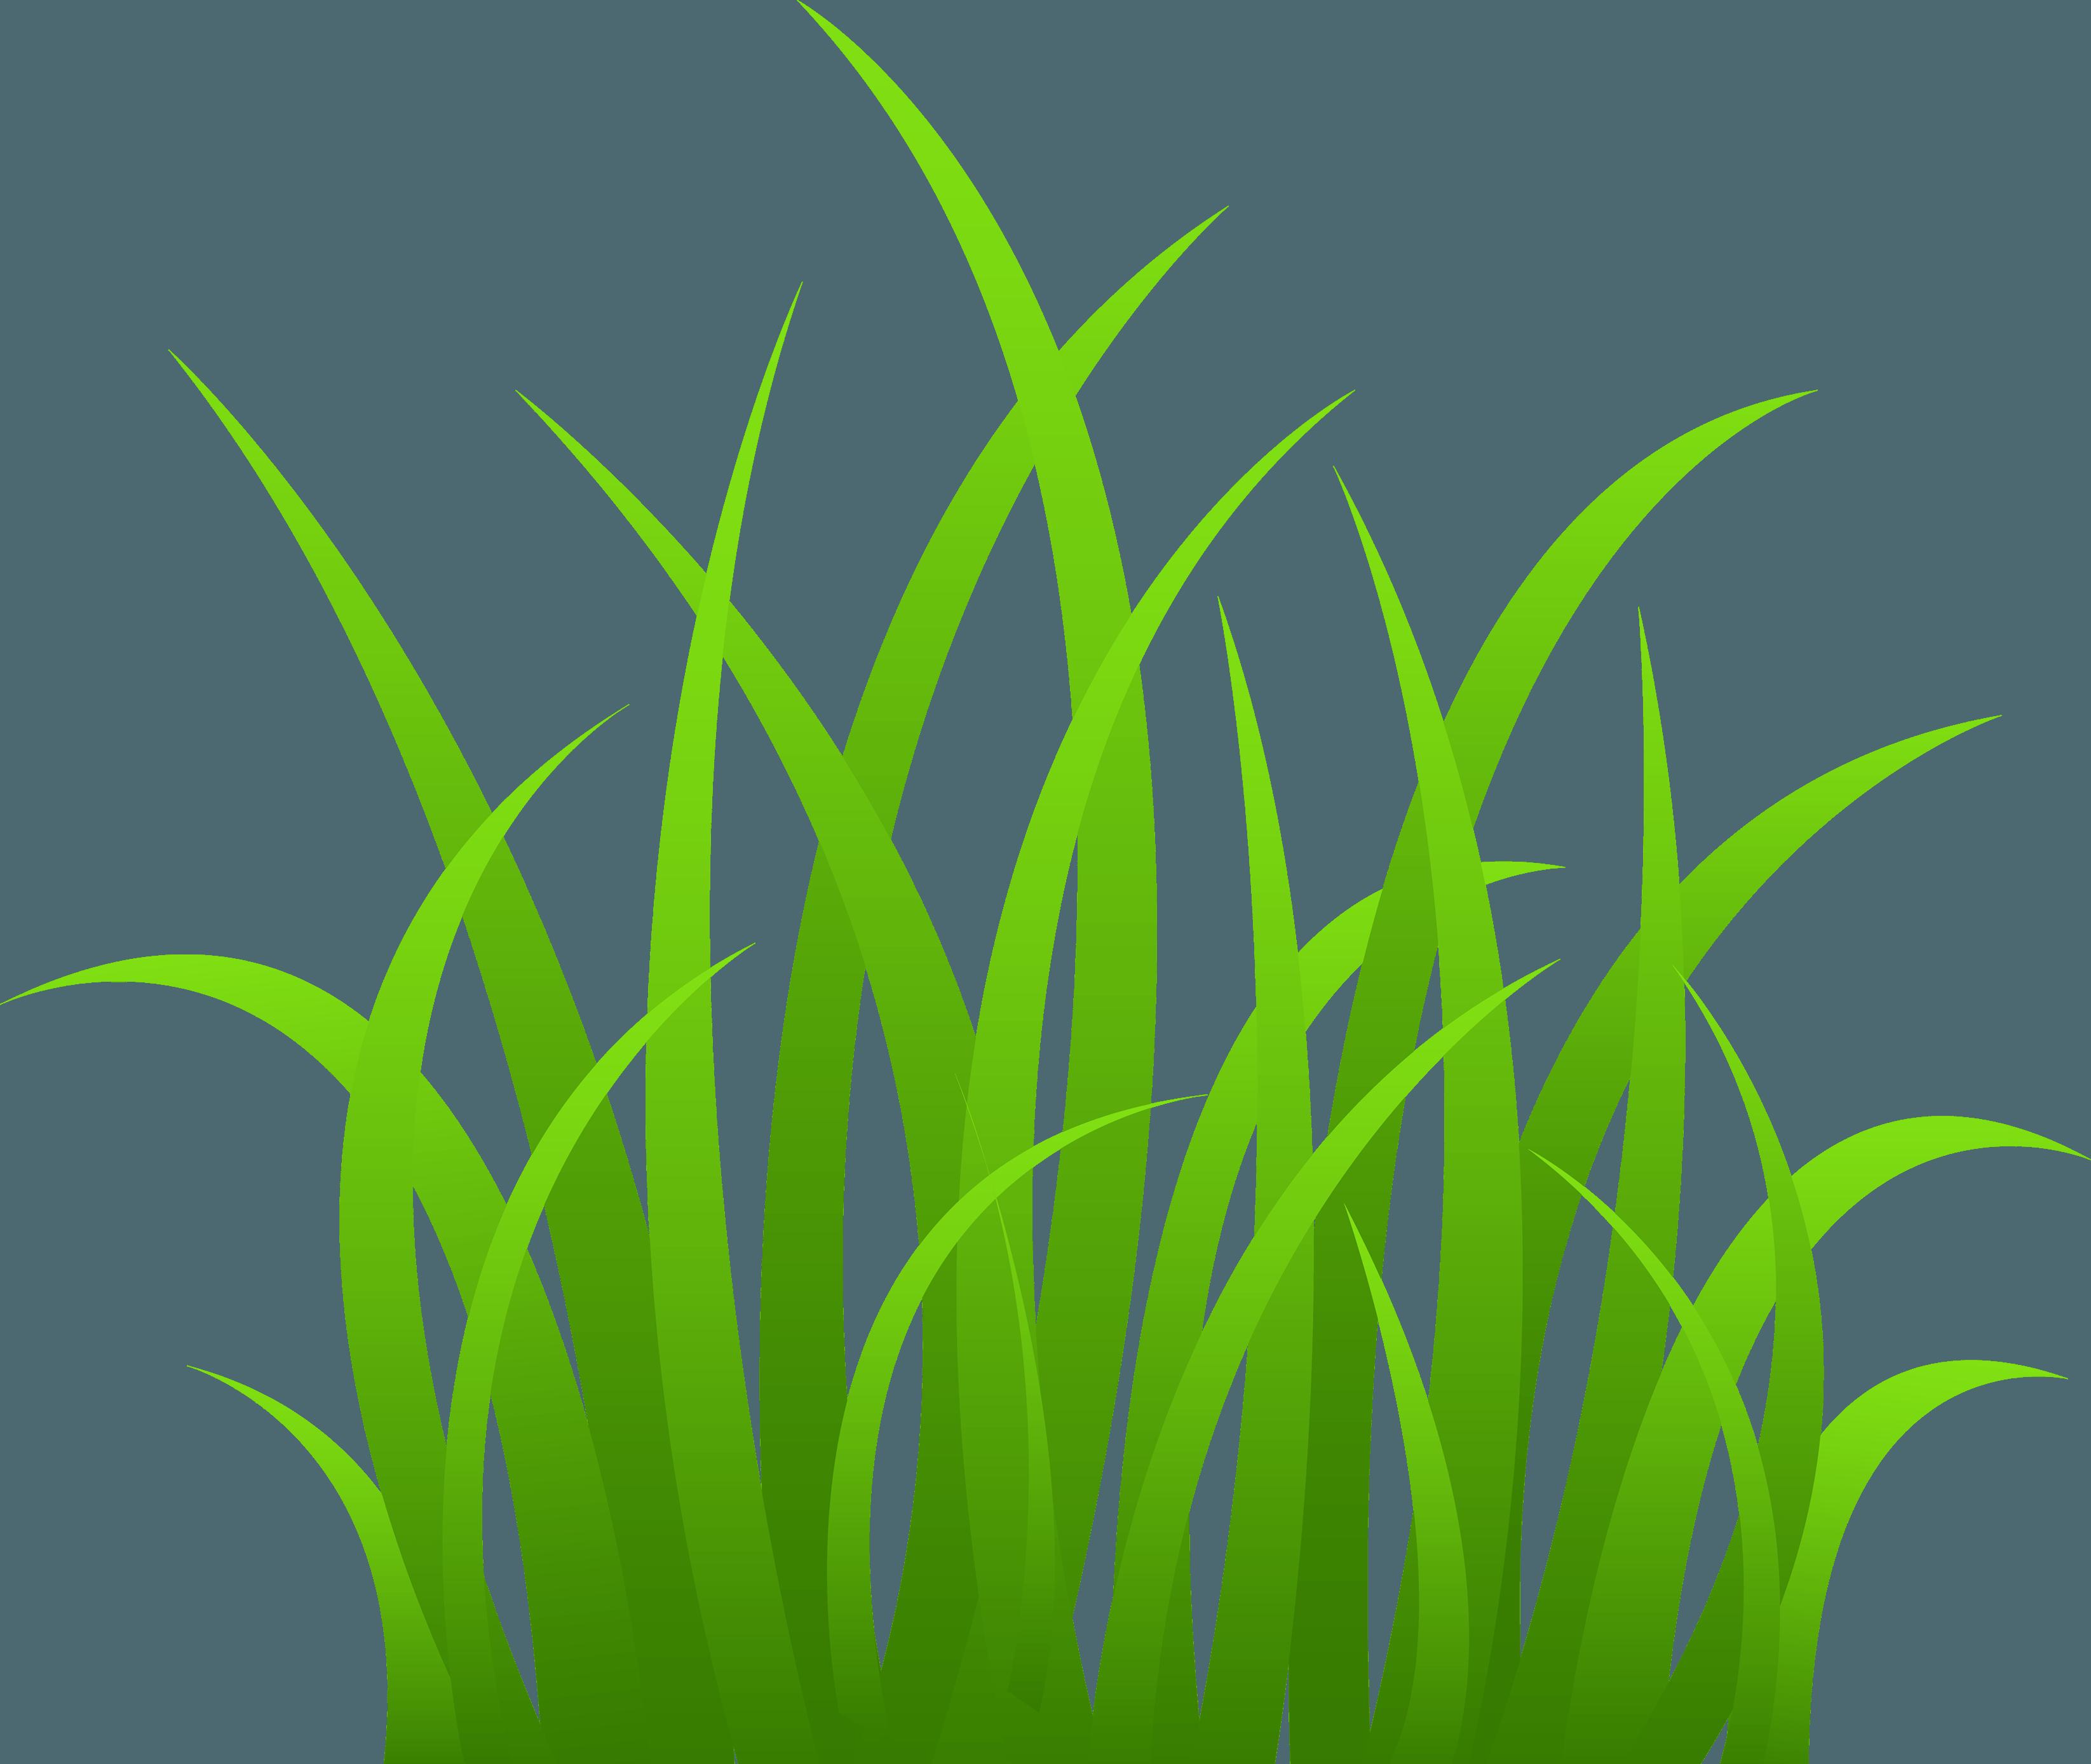 Фон для, картинки зеленая трава для детей